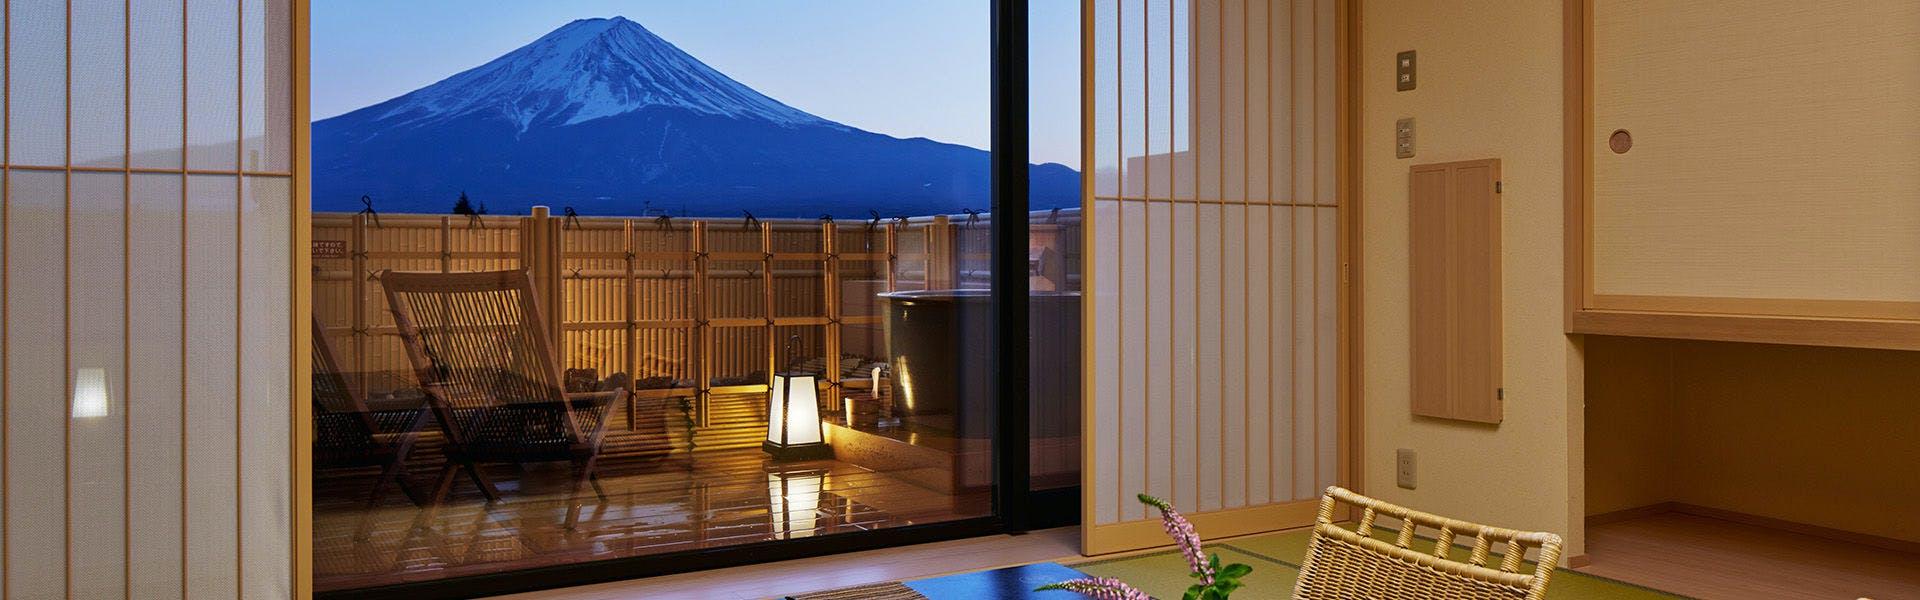 記念日におすすめのホテル・富士河口湖温泉 湖南荘の写真1